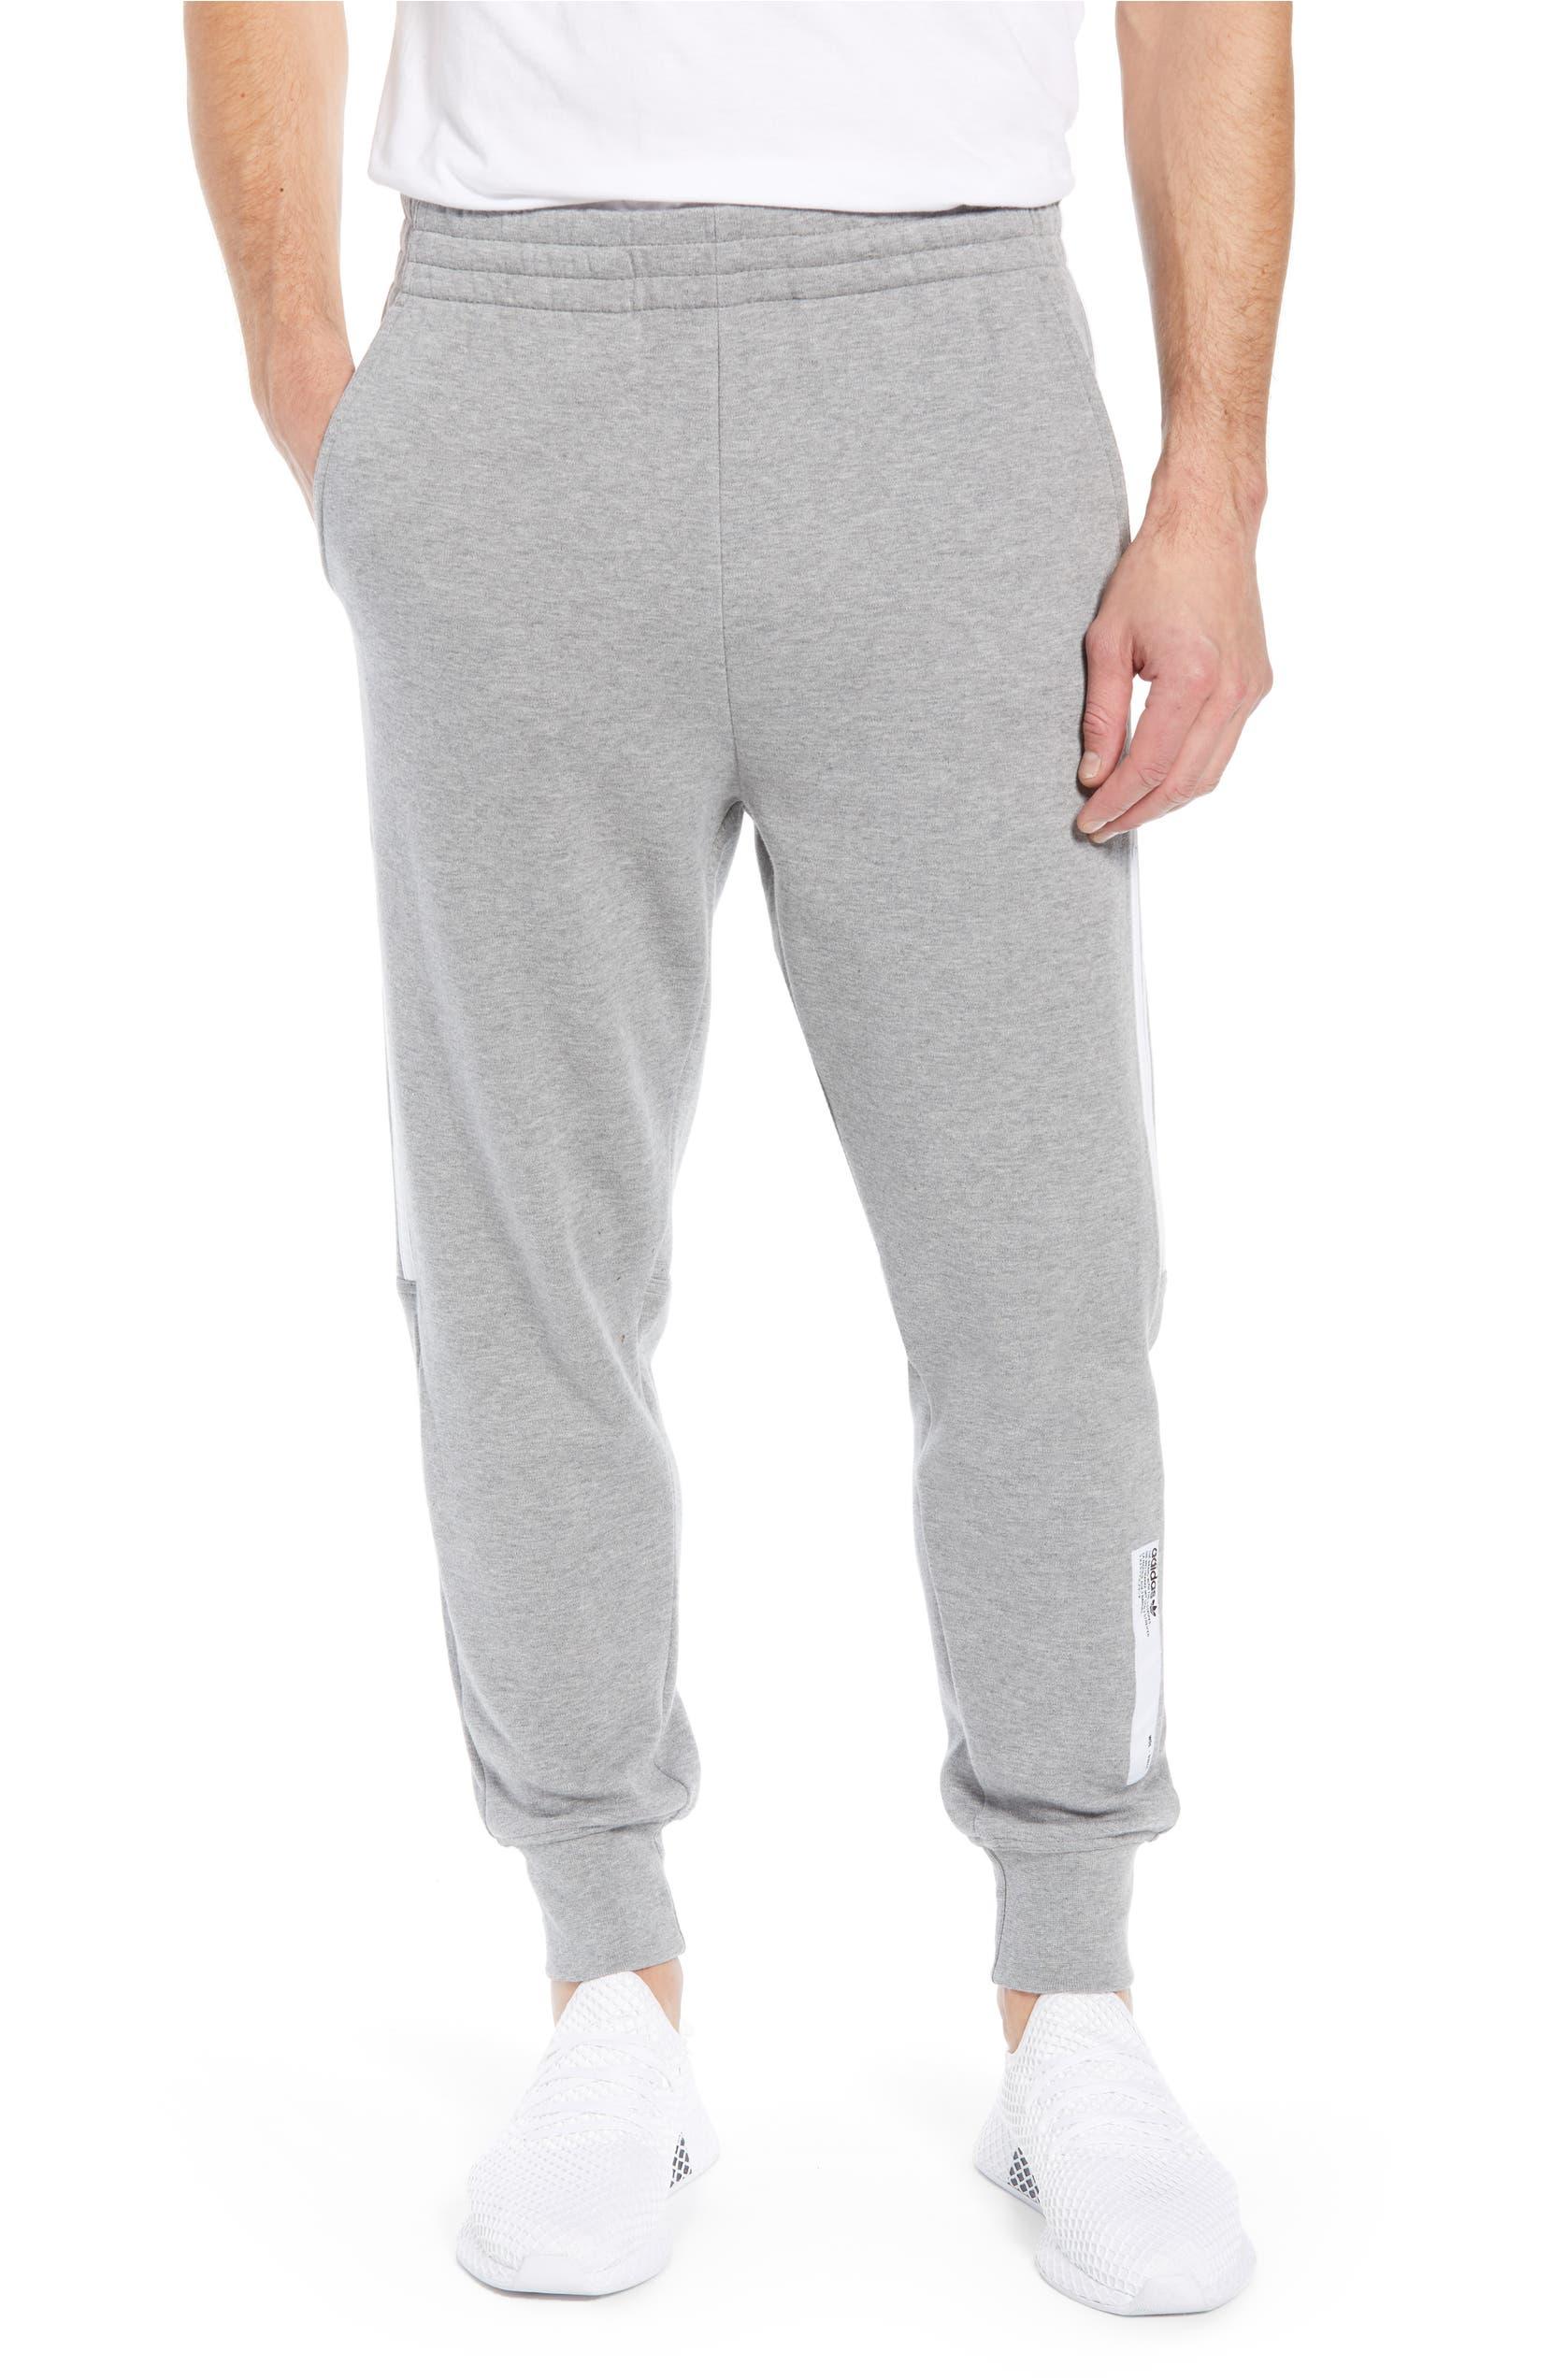 acec06cca34 adidas Original NMD Jogger Pants